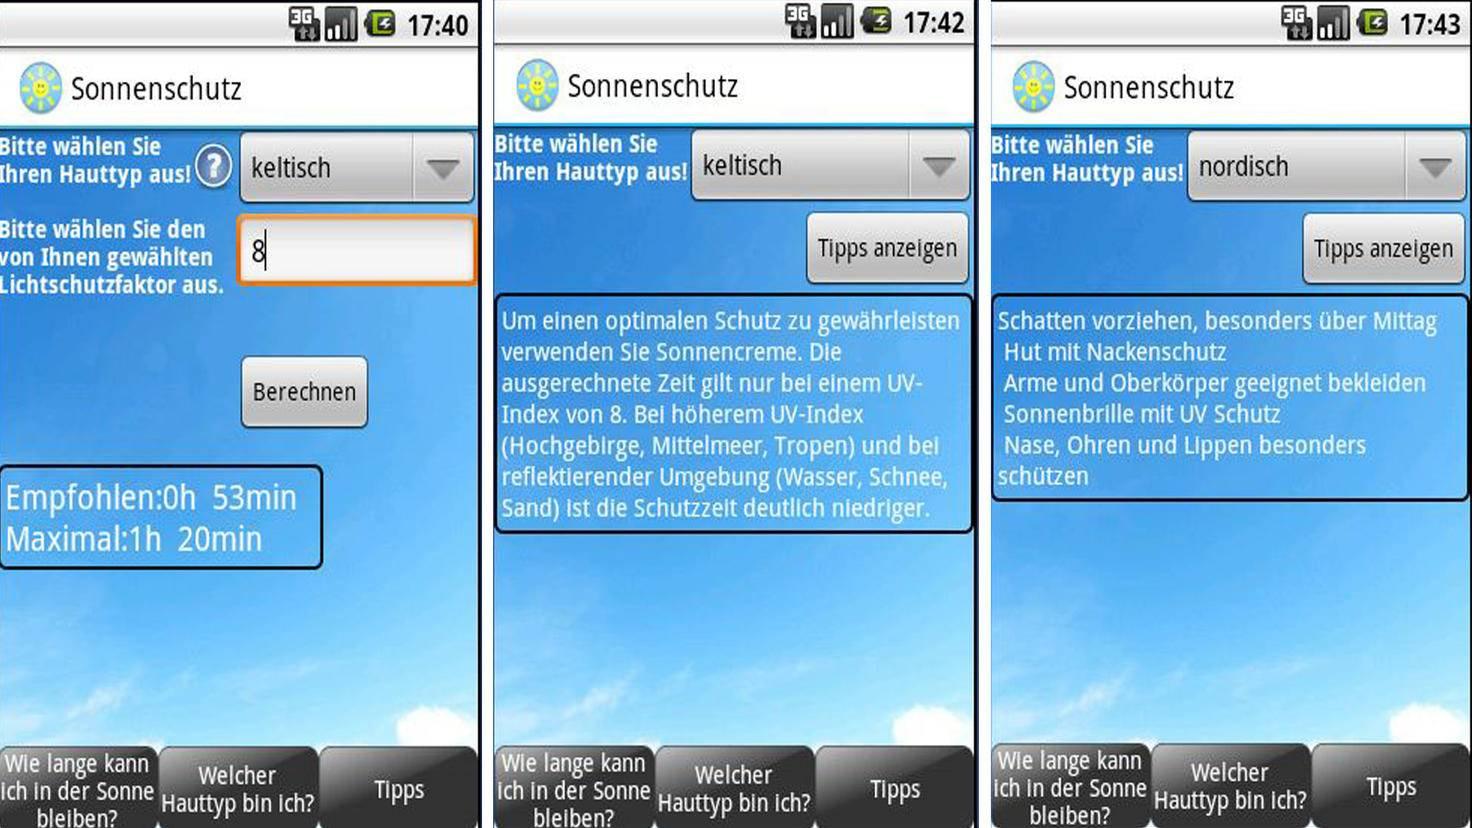 Sonnenschutz Free-Google Playstore-SmklslDev